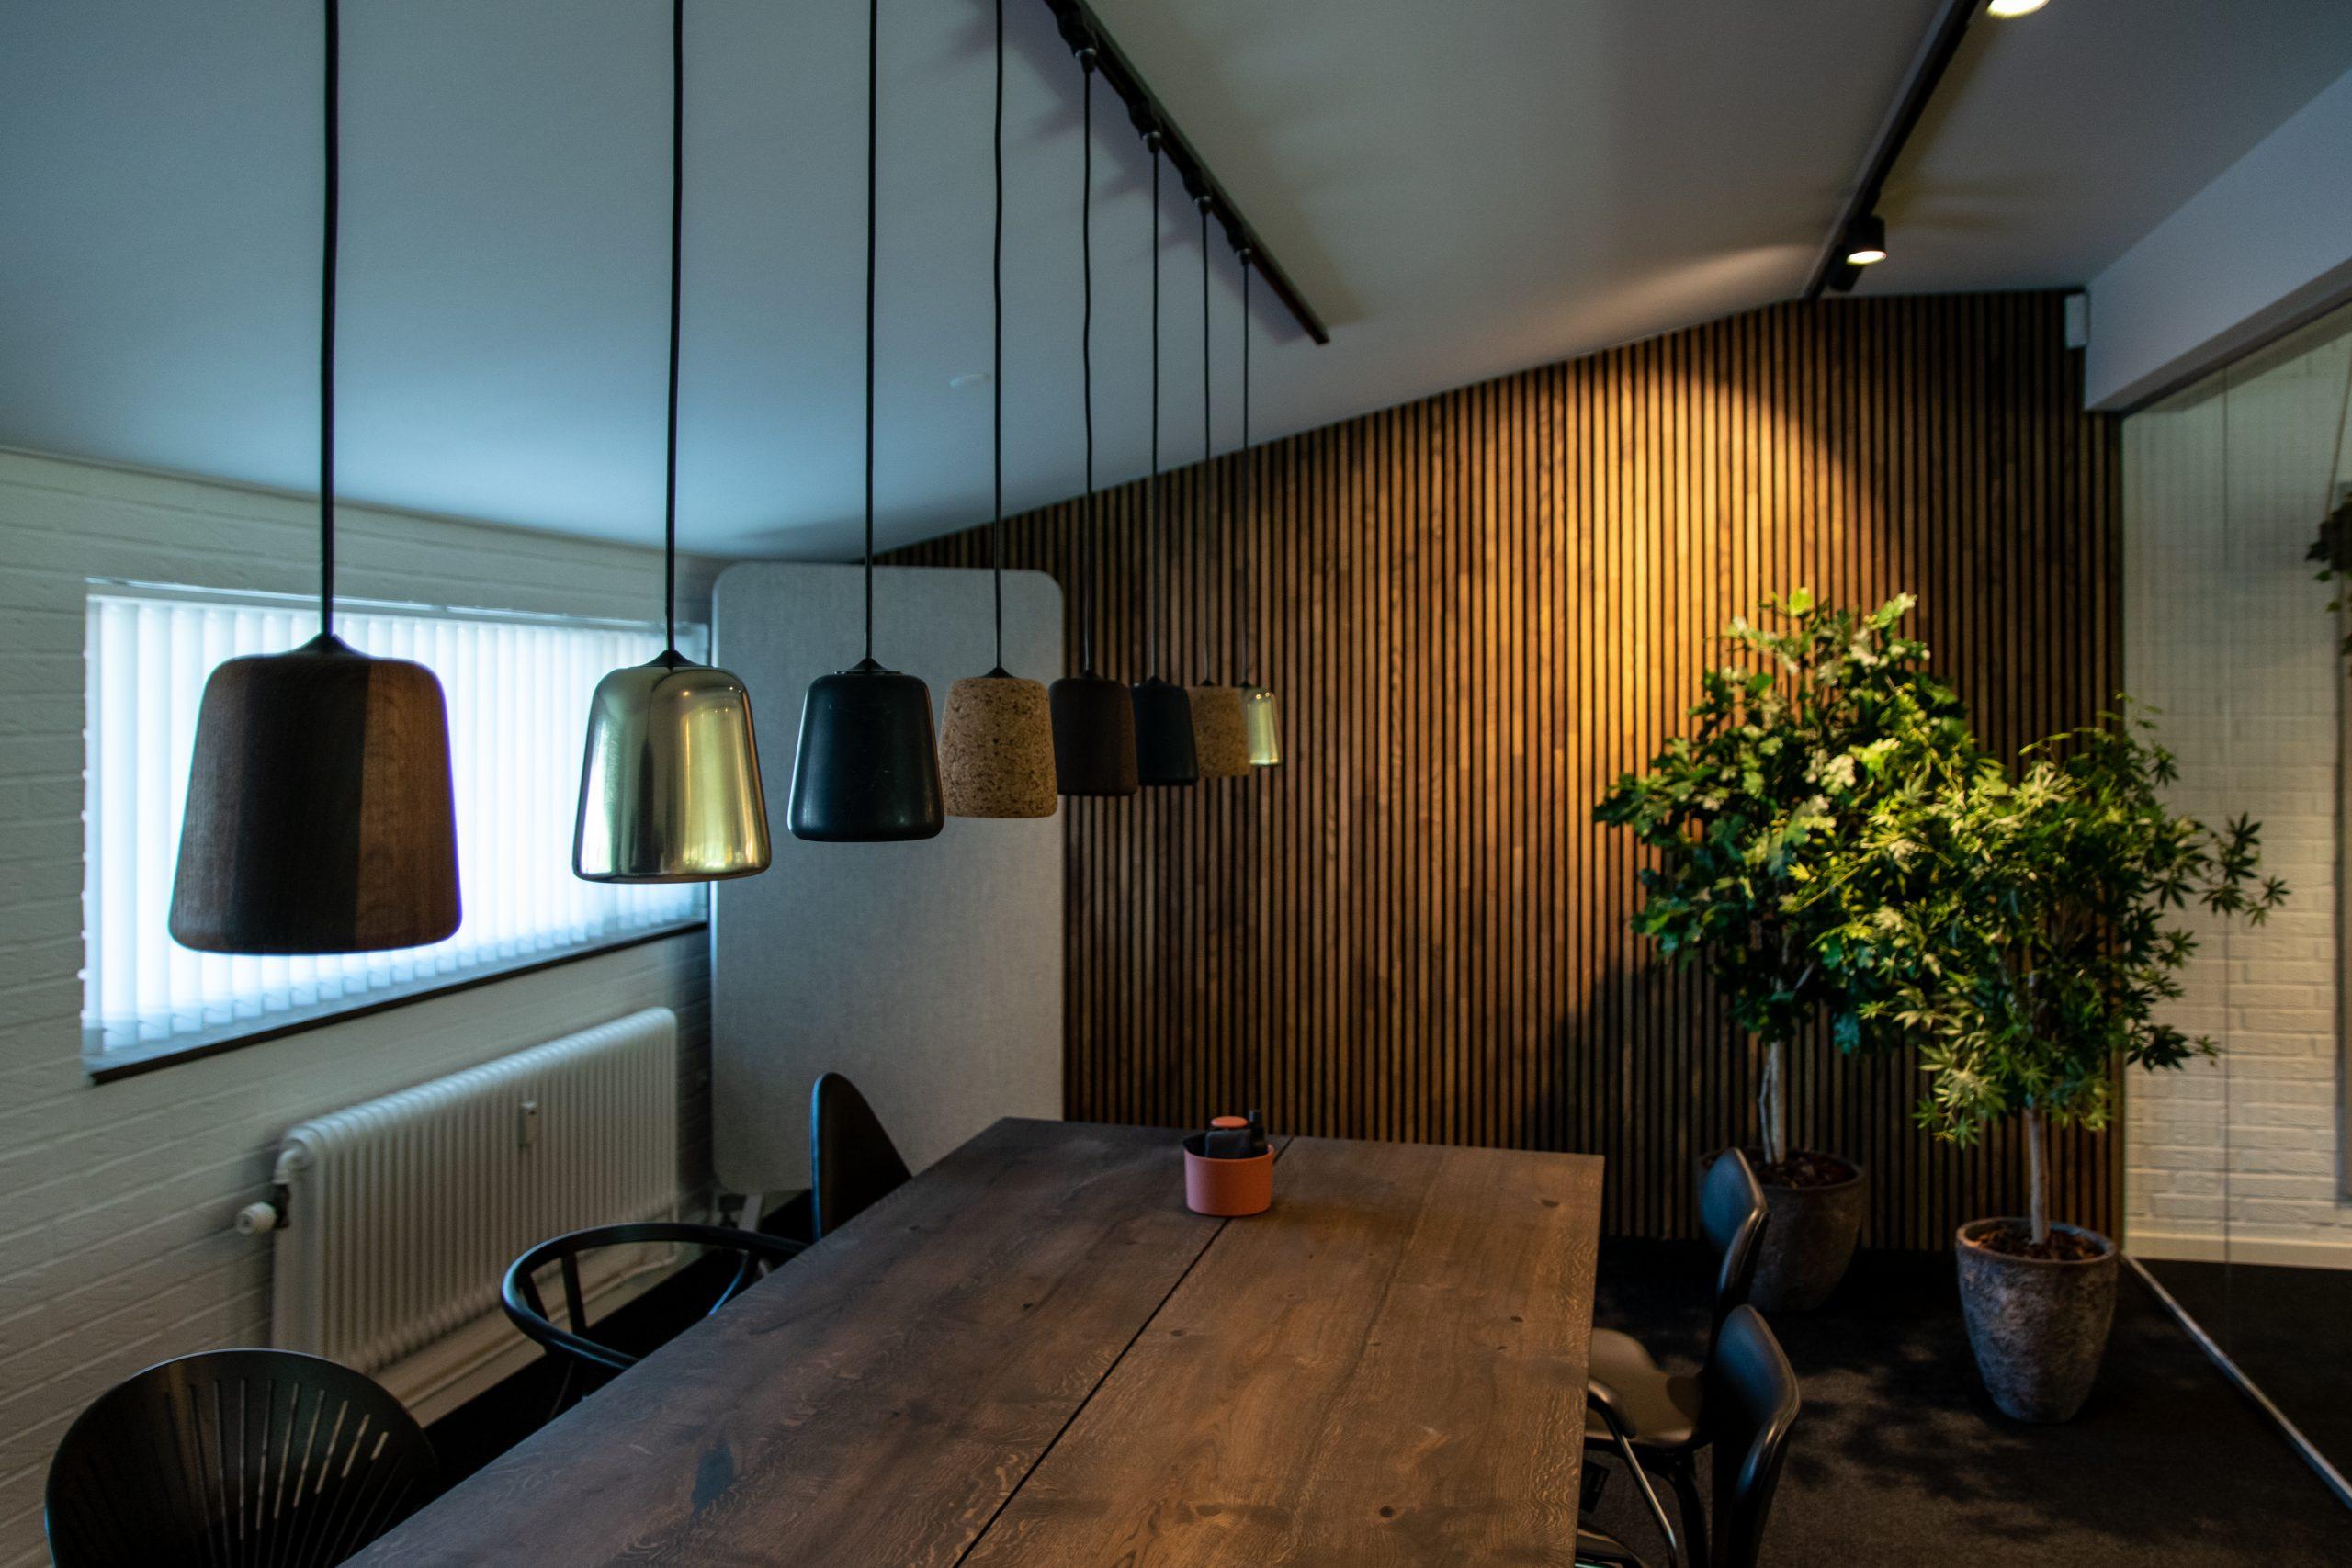 Scan Office oplever stor succes: Flytter i nye lokaler med kæmpe showroom